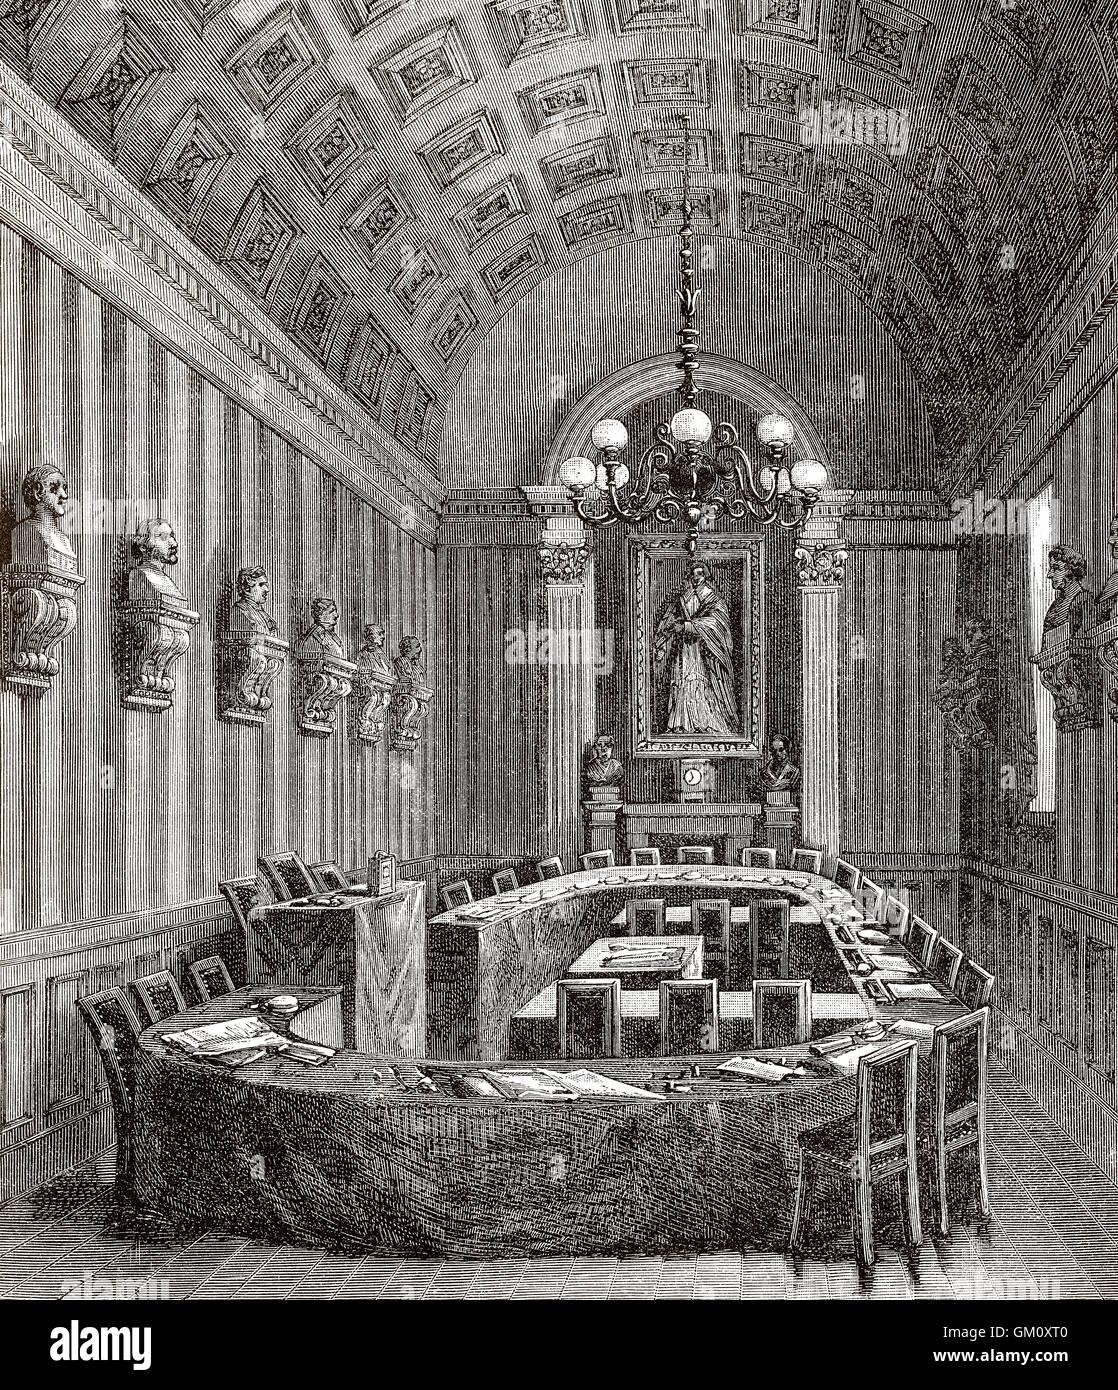 Conference hall, Académie Française, Paris, France, 19th century - Stock Image